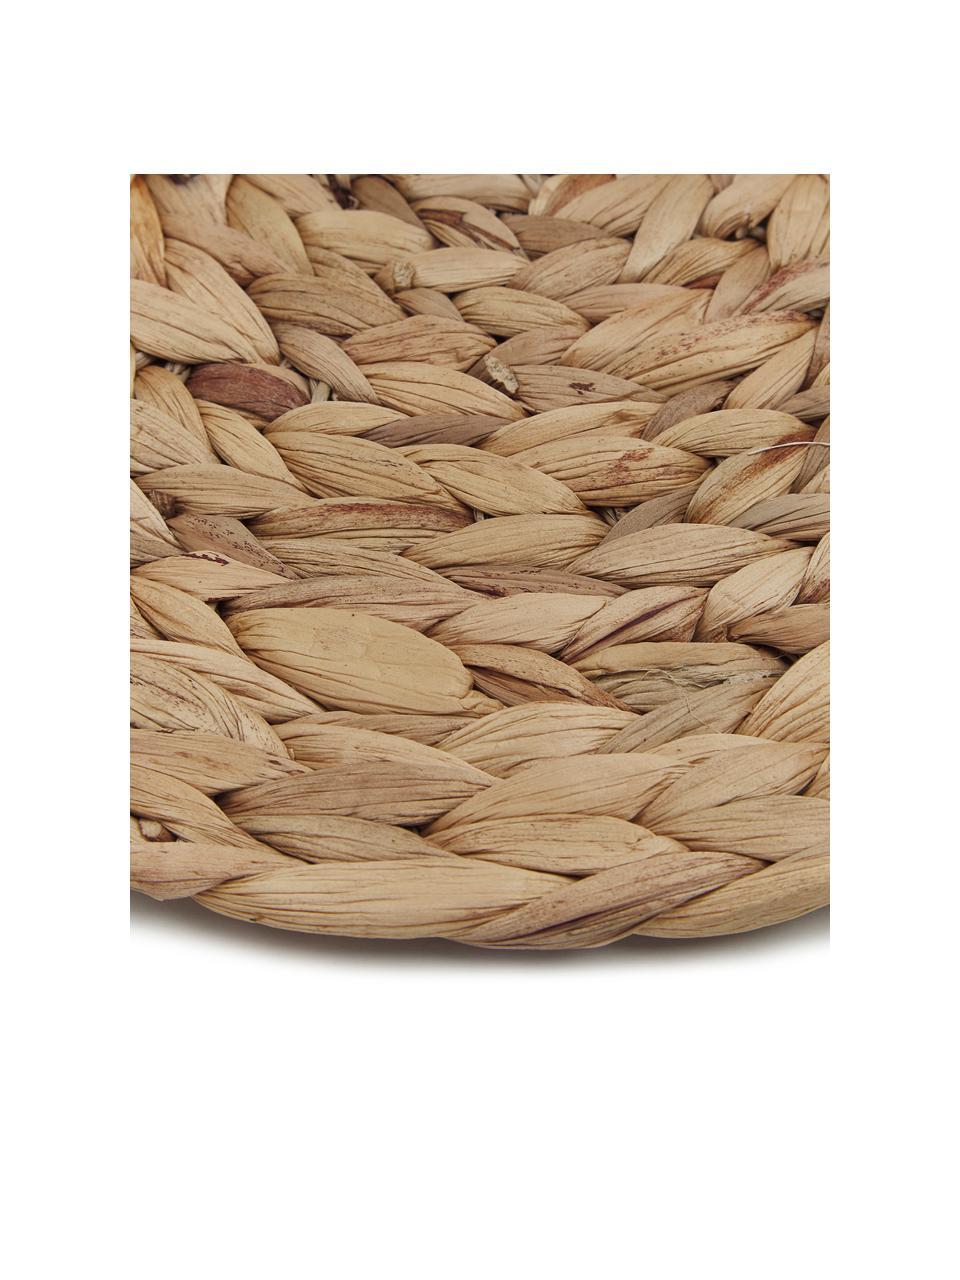 Ronde placemats Wanda van waterhyacint, 4 stuks, Waterhyacint, Beige, Ø 35 cm